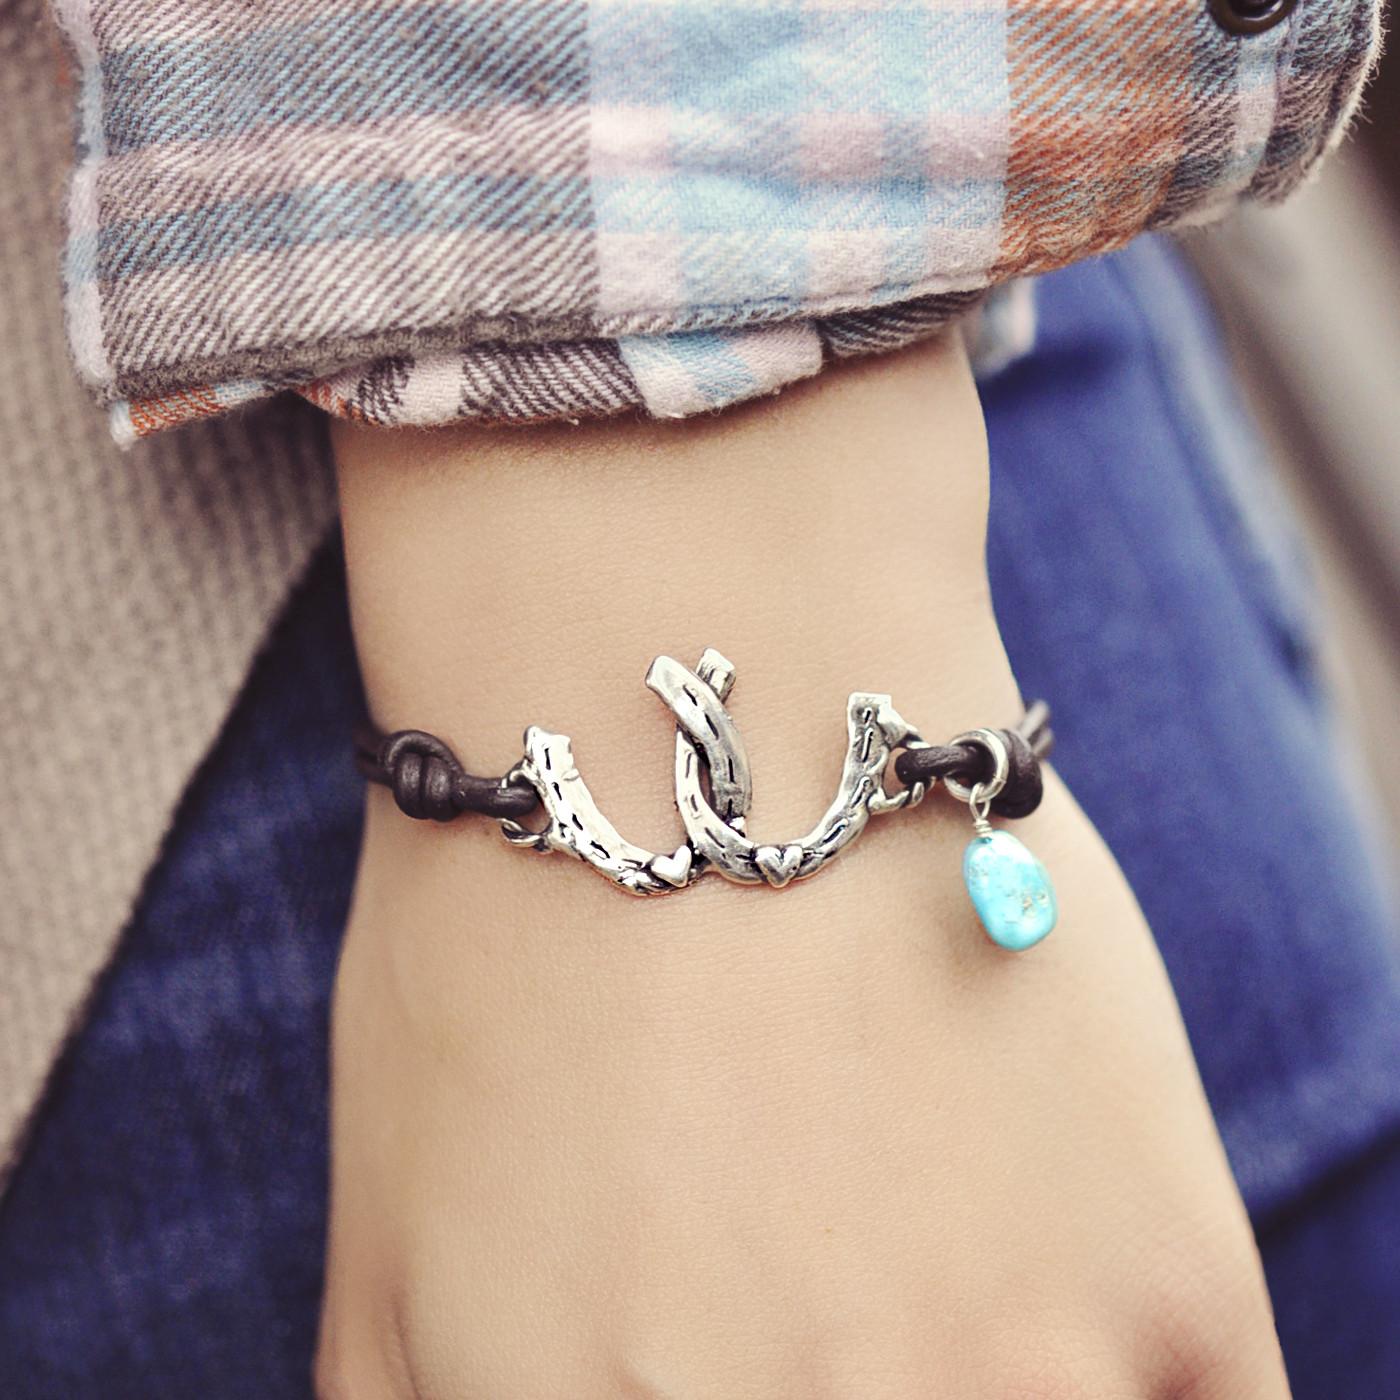 HorsesGiveWings-bracelet 3.jpg